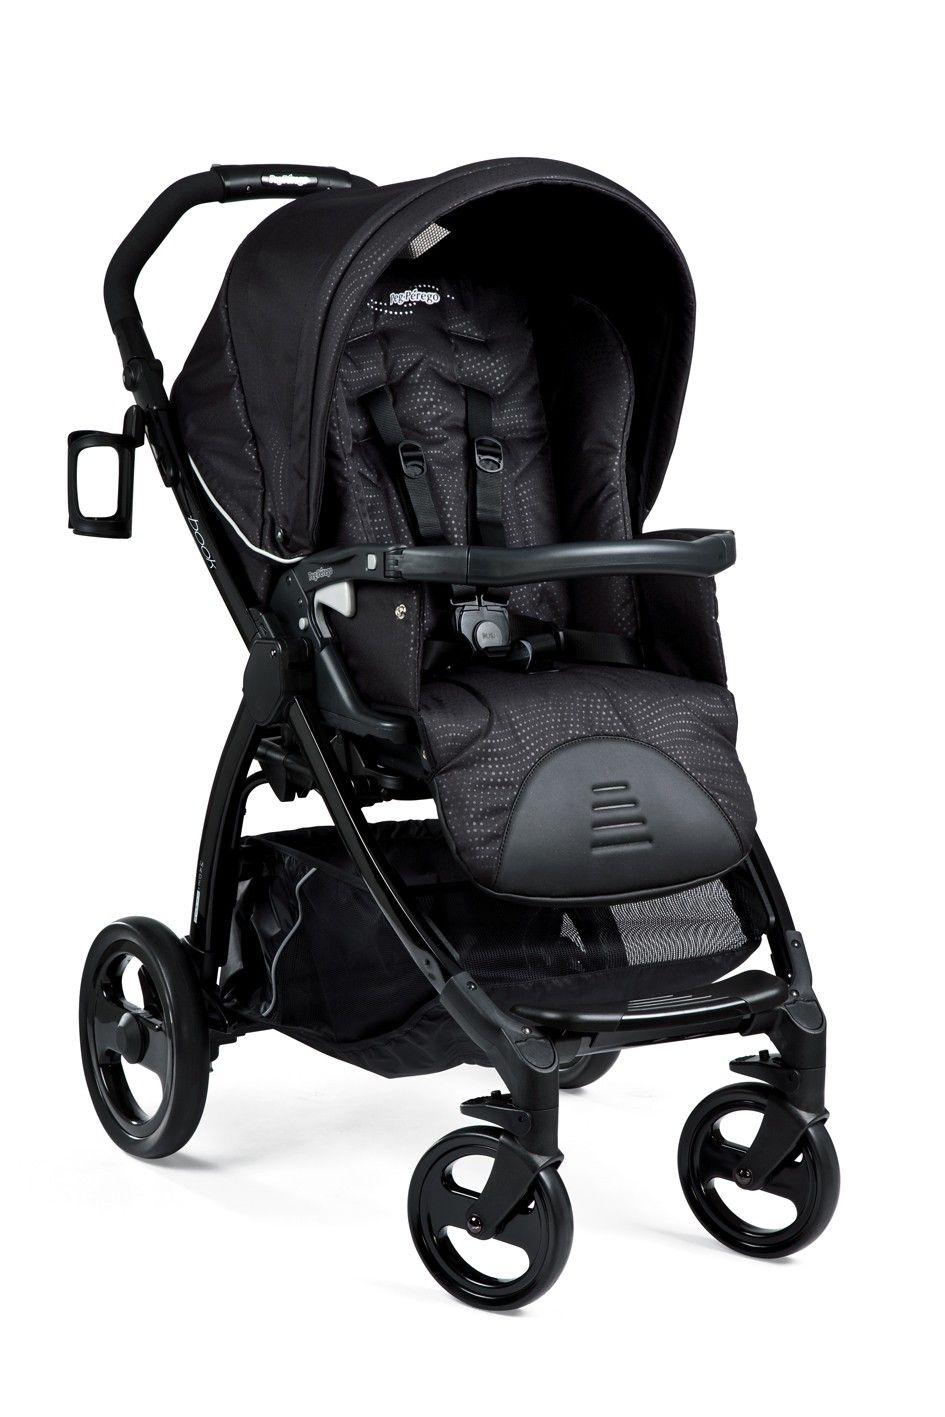 PegPerego Book Plus Stroller Galaxy Stroller, Baby